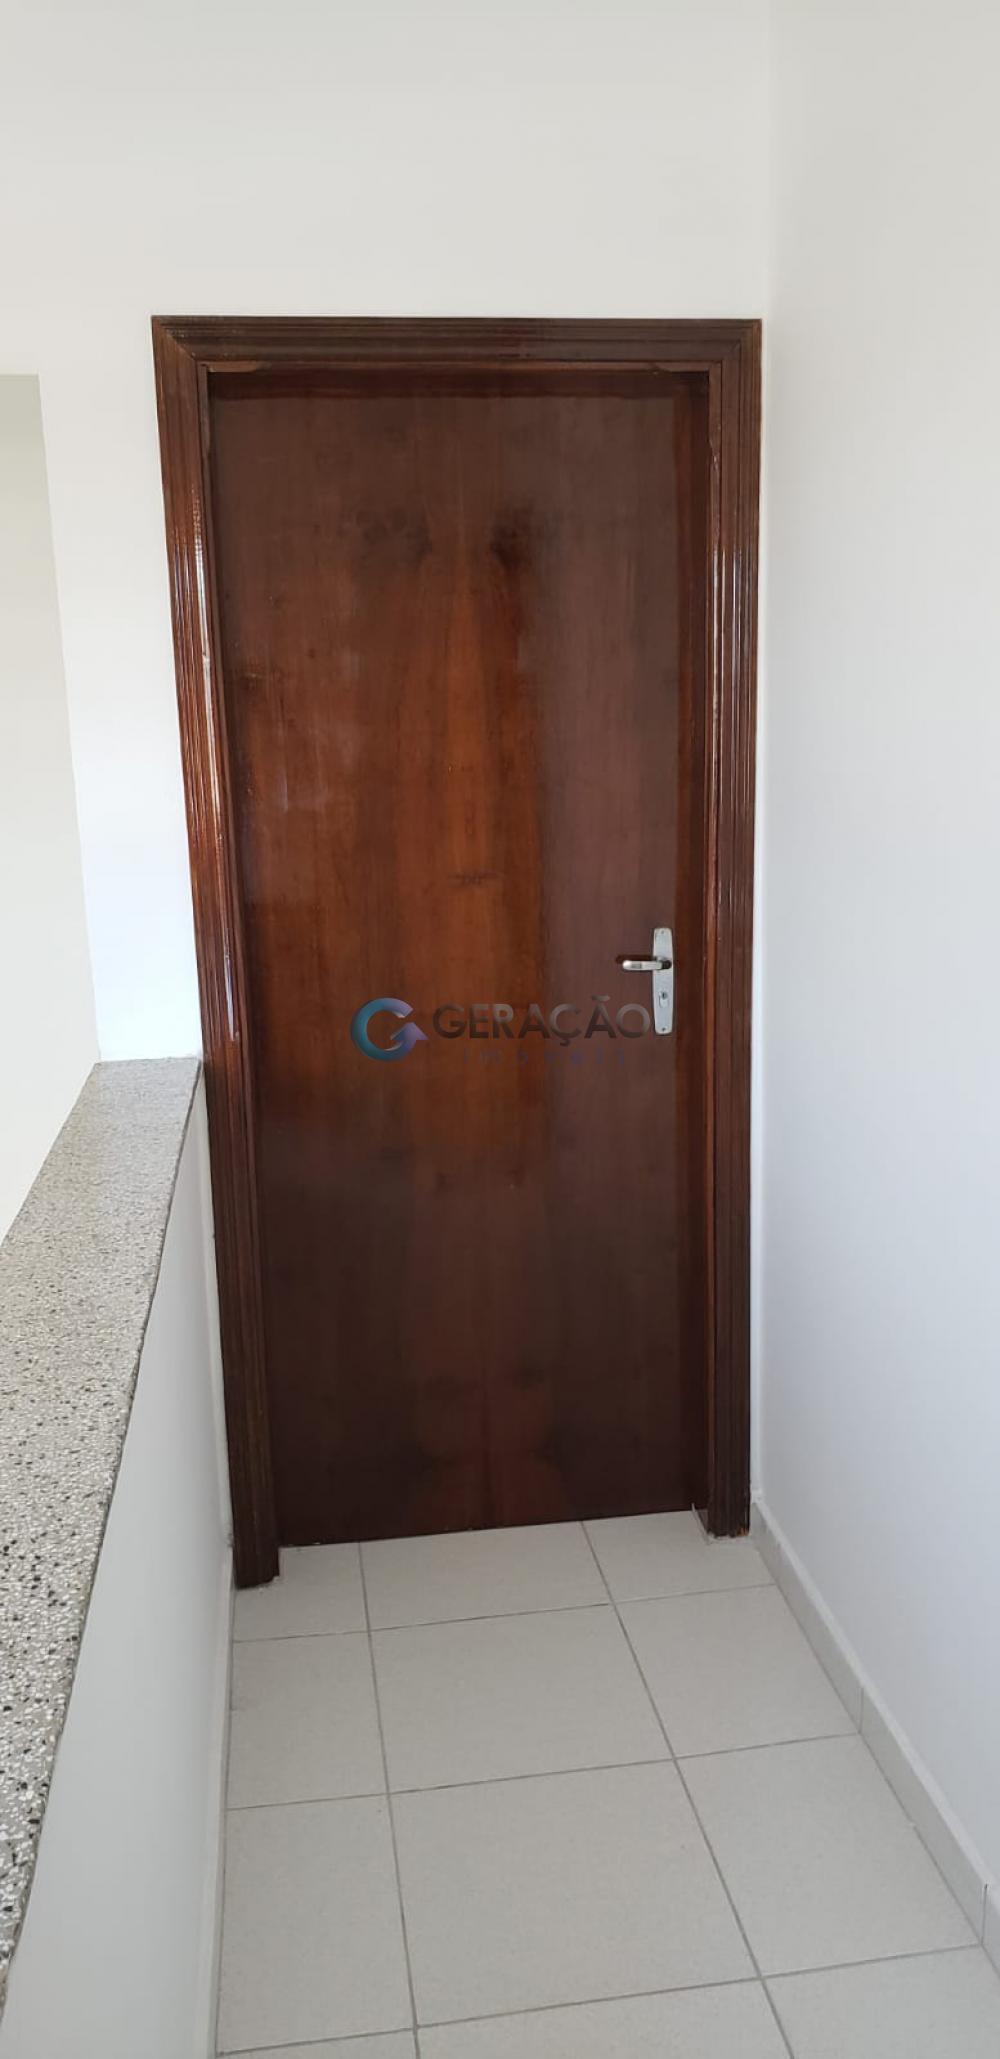 Comprar Comercial / Prédio em São José dos Campos R$ 1.350.000,00 - Foto 12